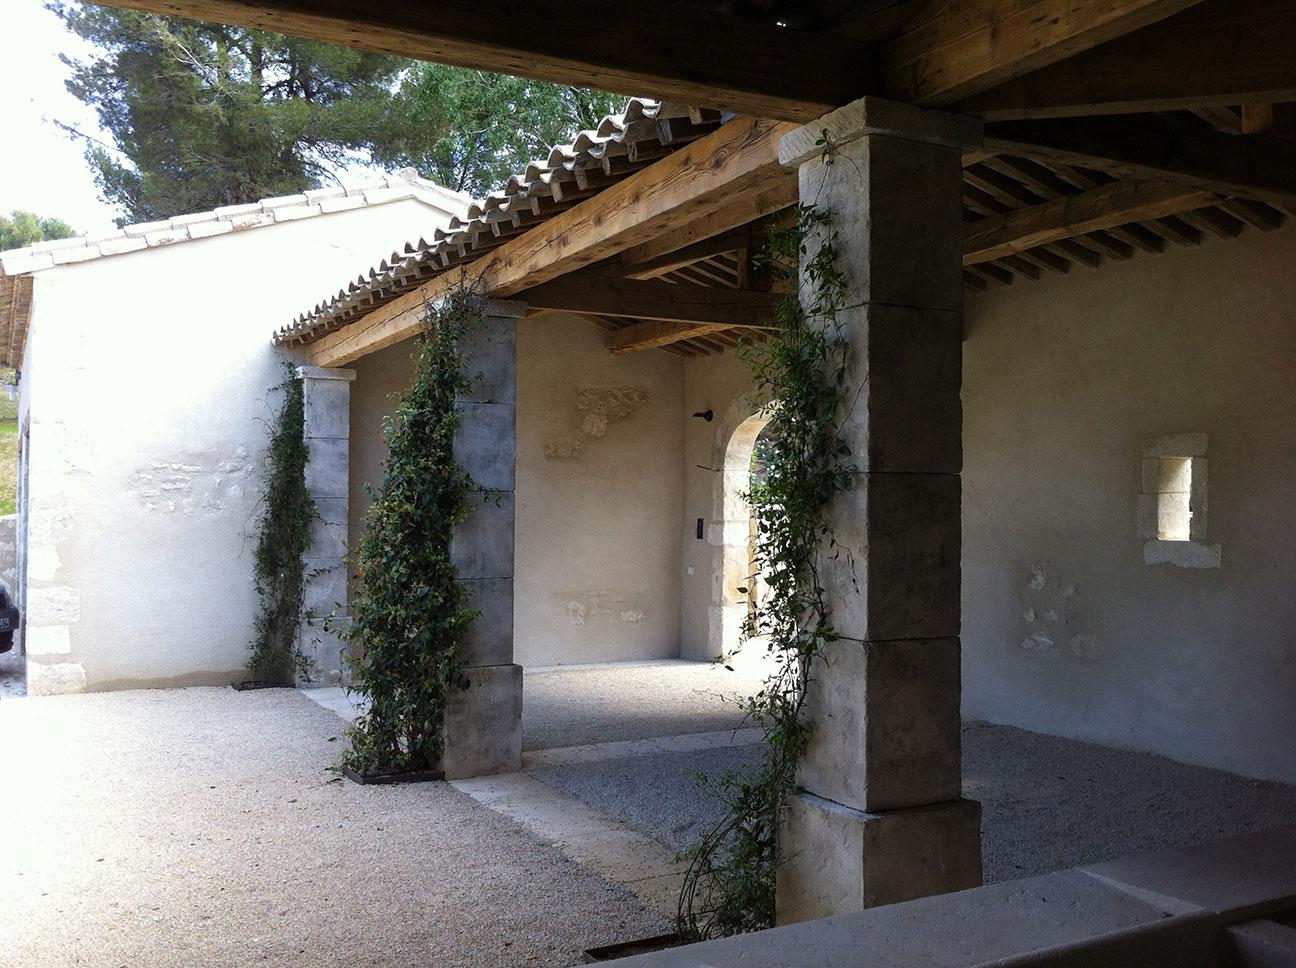 Maçonnerie générale (ici style tradionnel provençal) dans les Alpilles en Provence